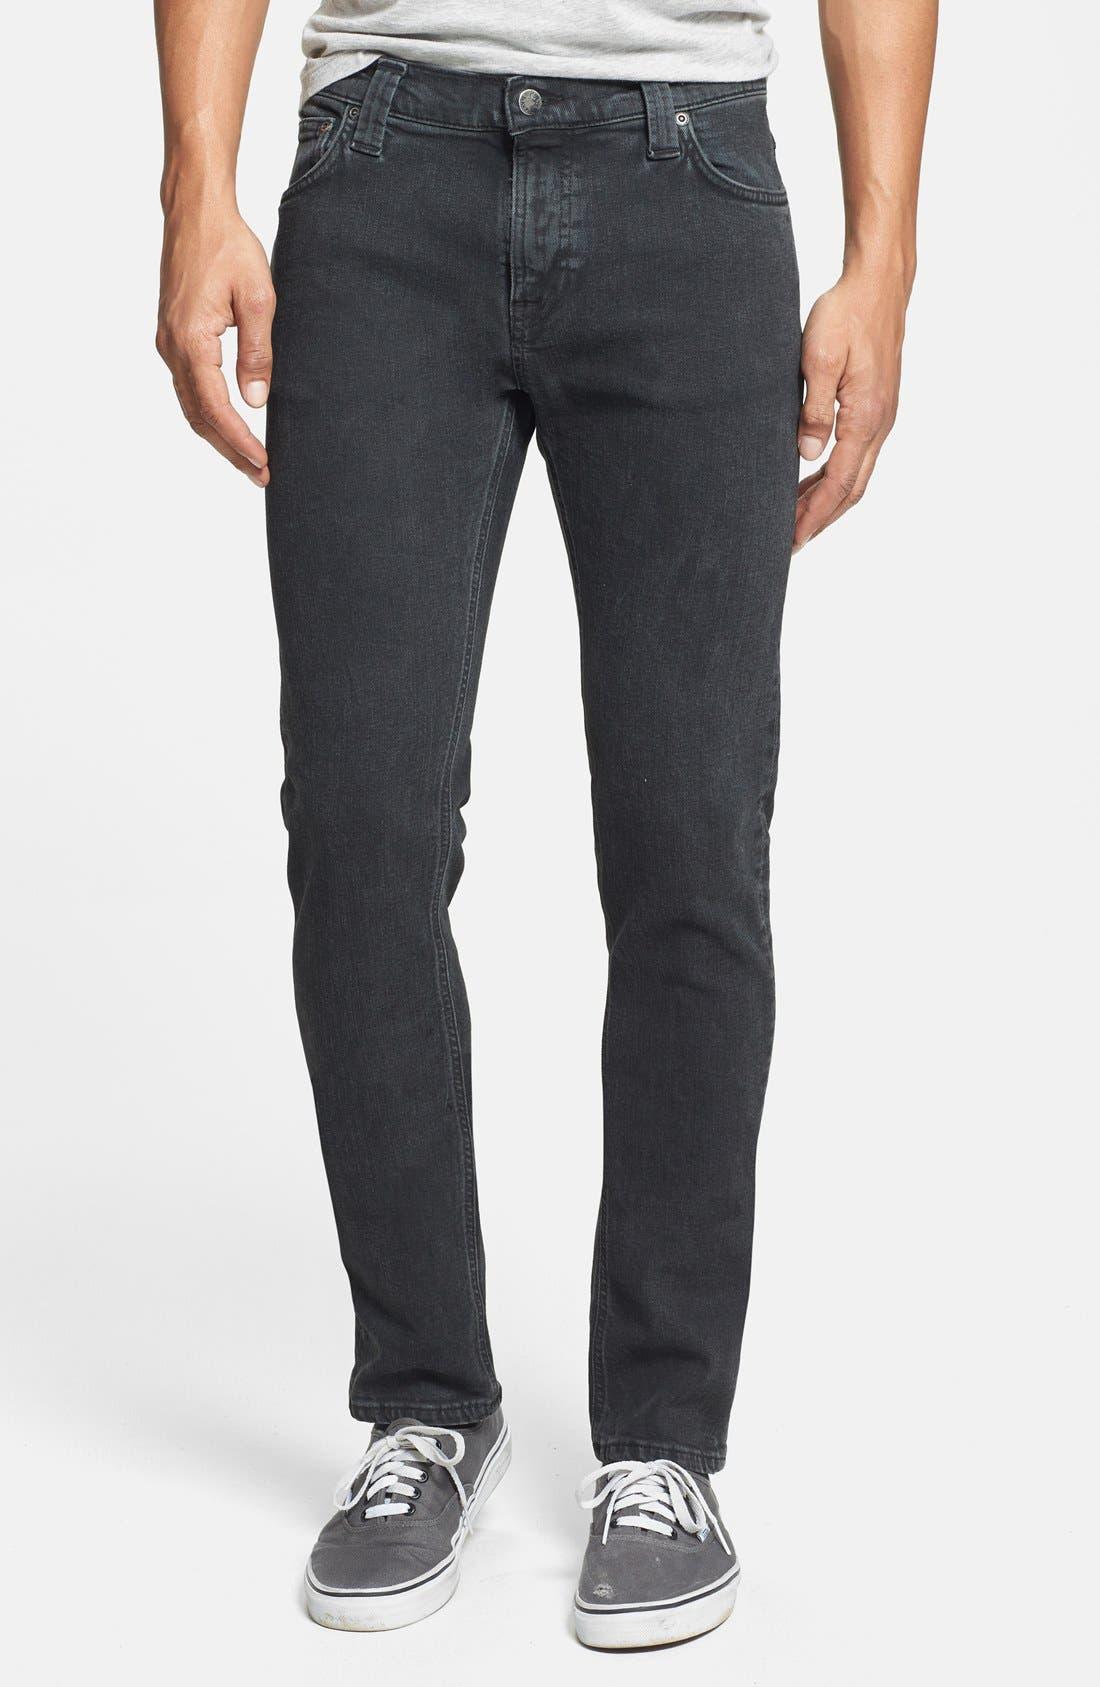 Main Image - Nudie Jeans 'Tube Tom' Skinny Fit Jeans (Organic Painted Black)